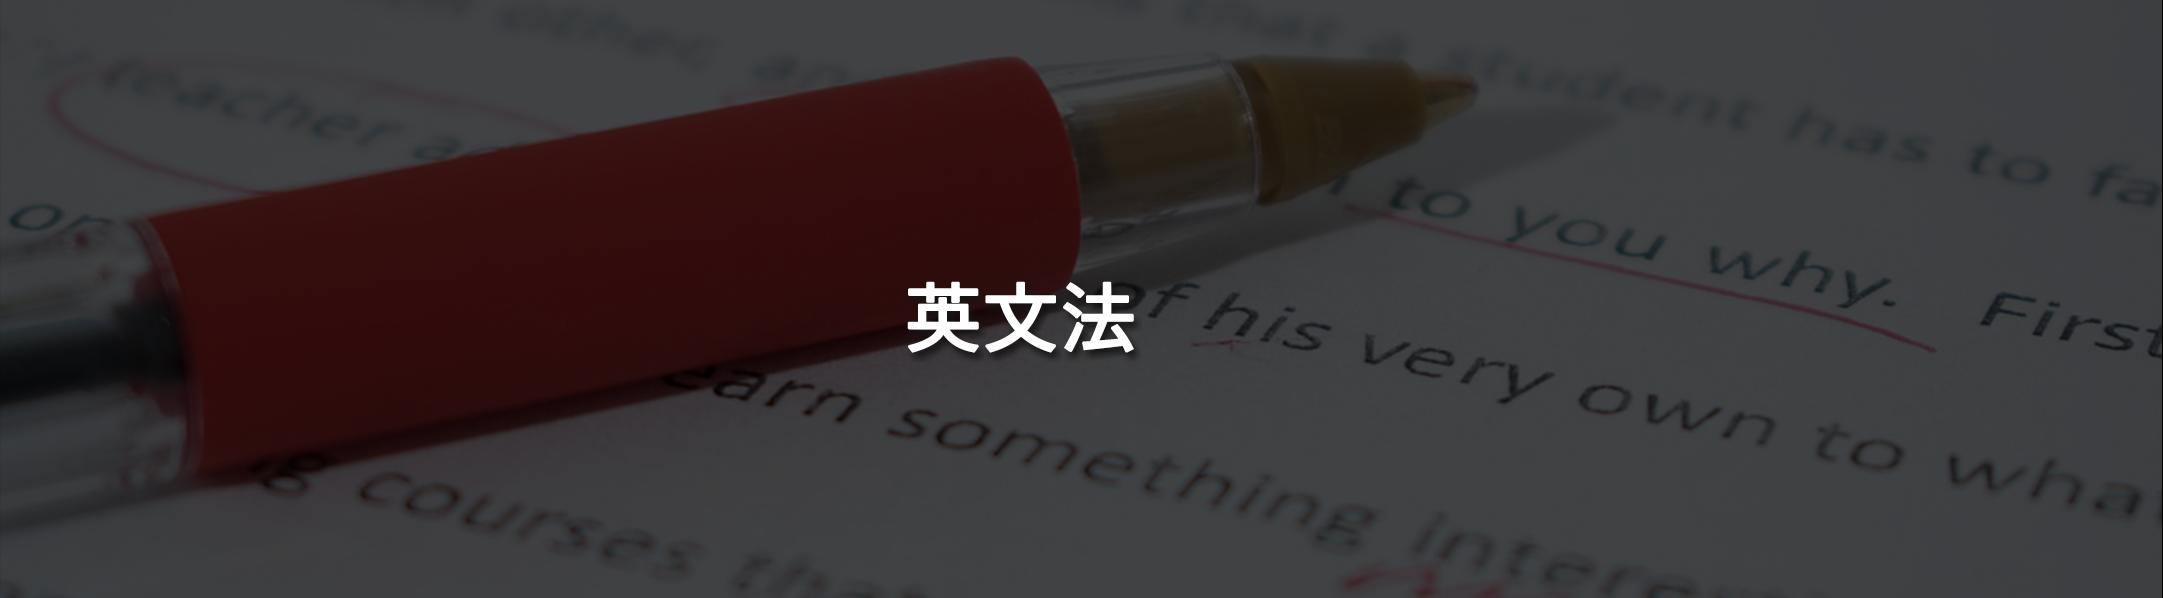 英文法のイメージ